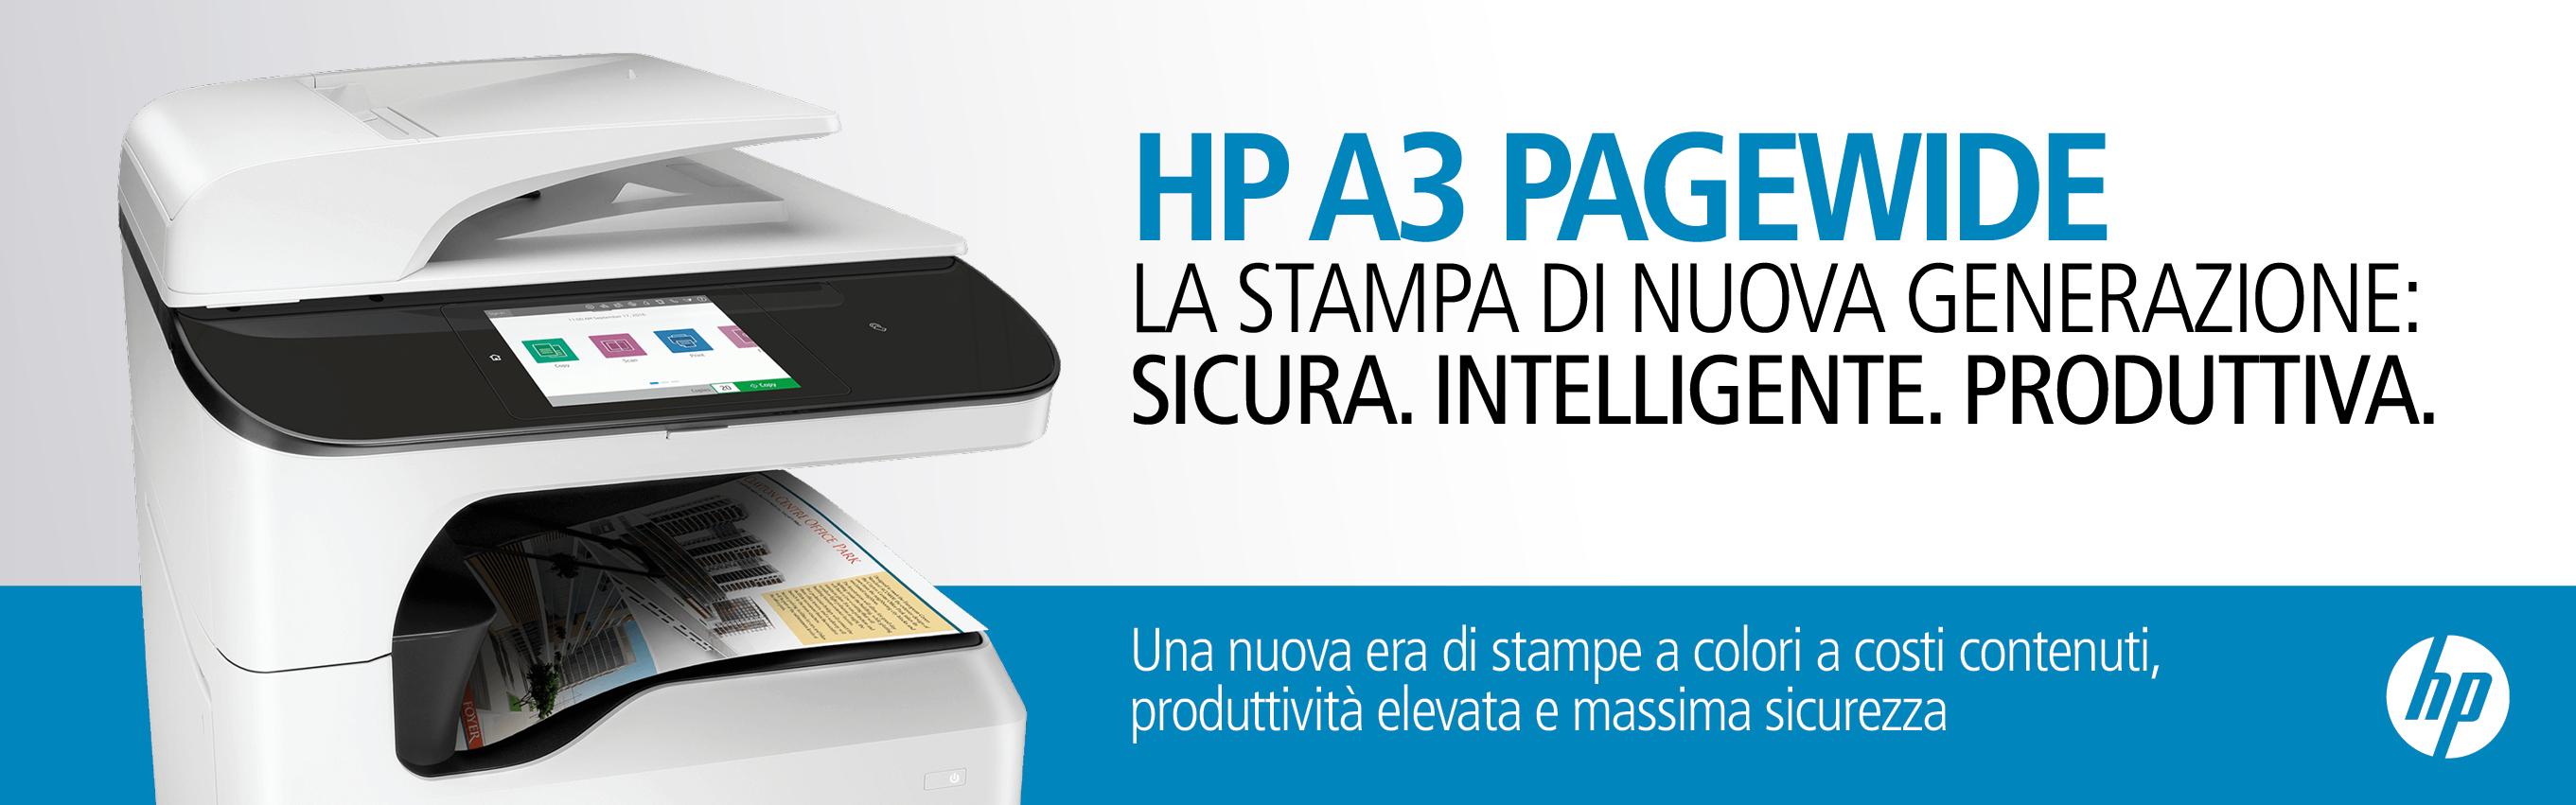 hp_pagewide_slider